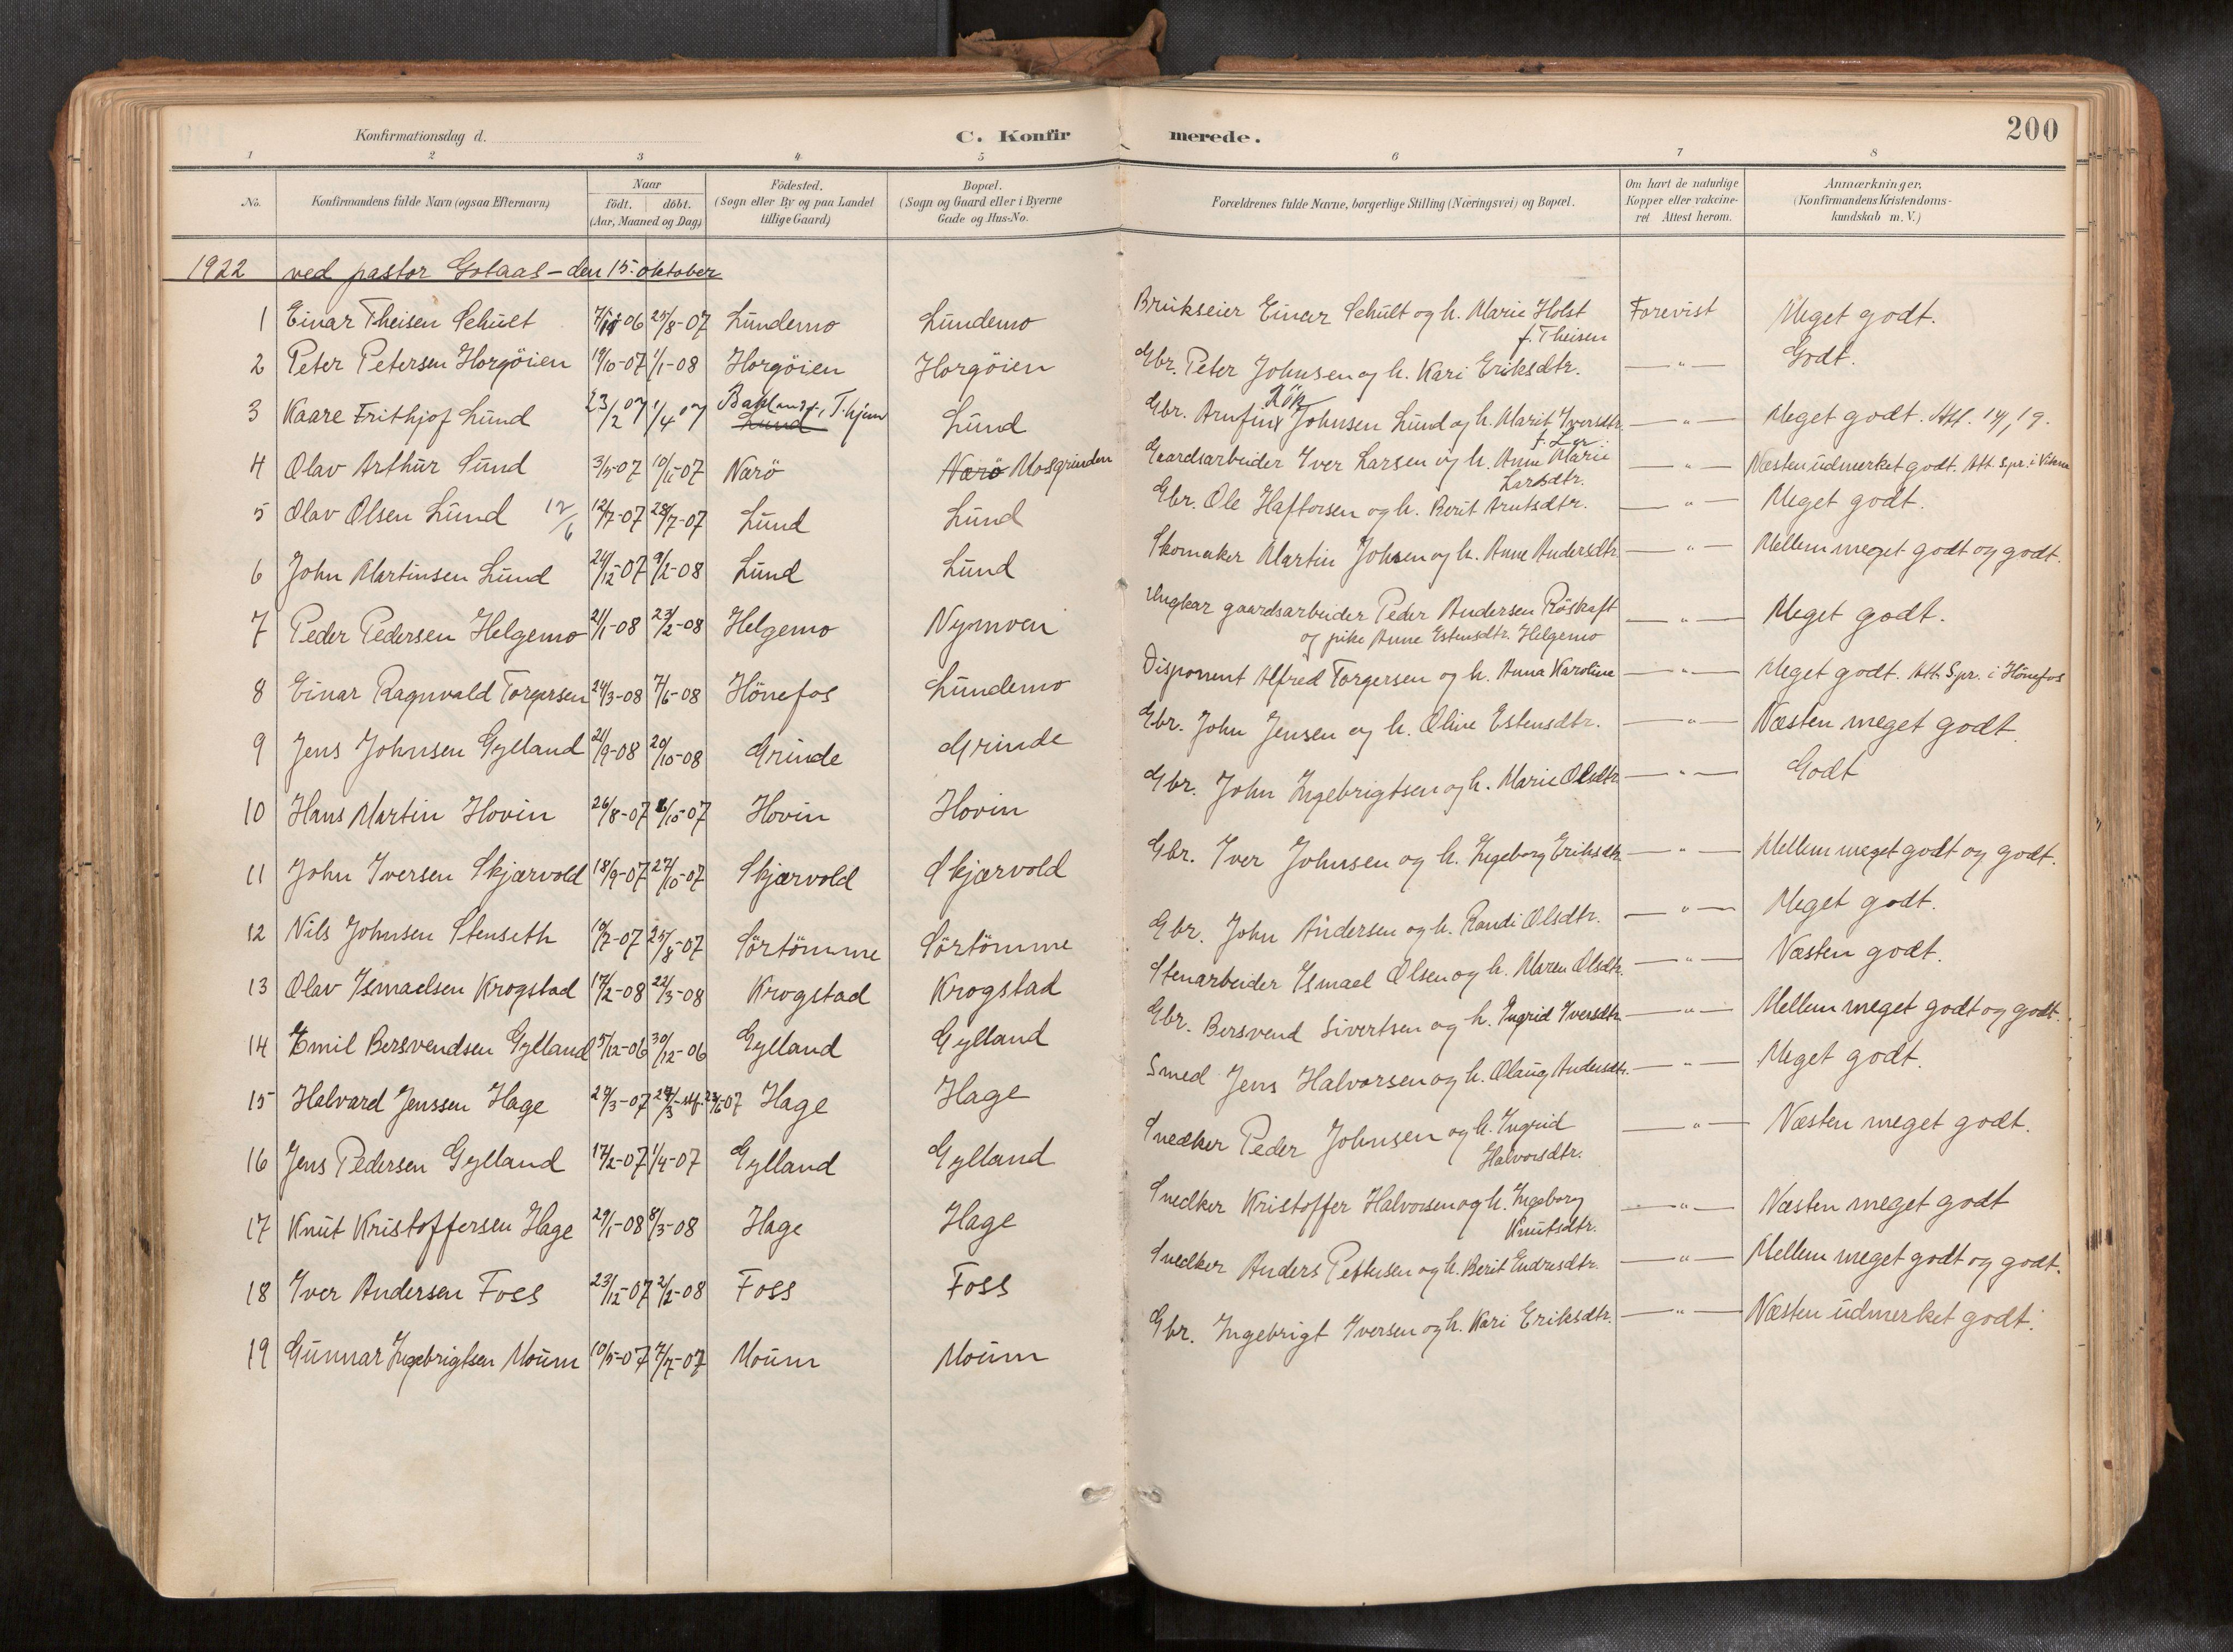 SAT, Ministerialprotokoller, klokkerbøker og fødselsregistre - Sør-Trøndelag, 692/L1105b: Ministerialbok nr. 692A06, 1891-1934, s. 200